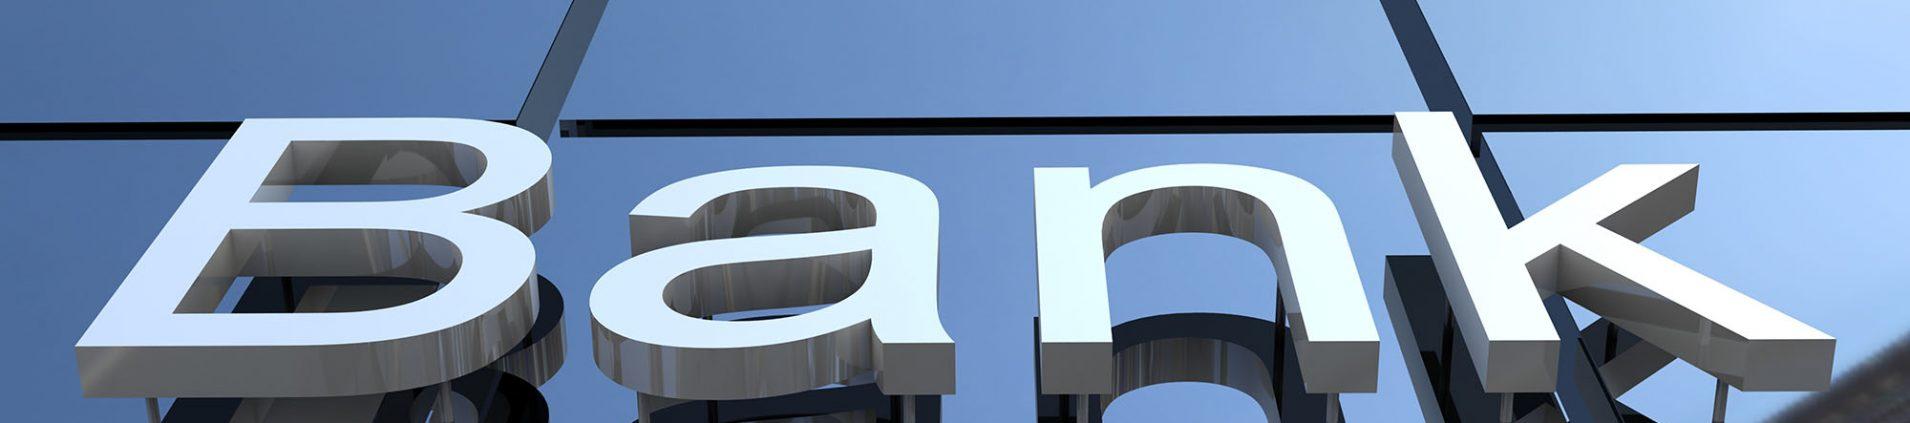 Banques traditionnelles VS Banques Digitales